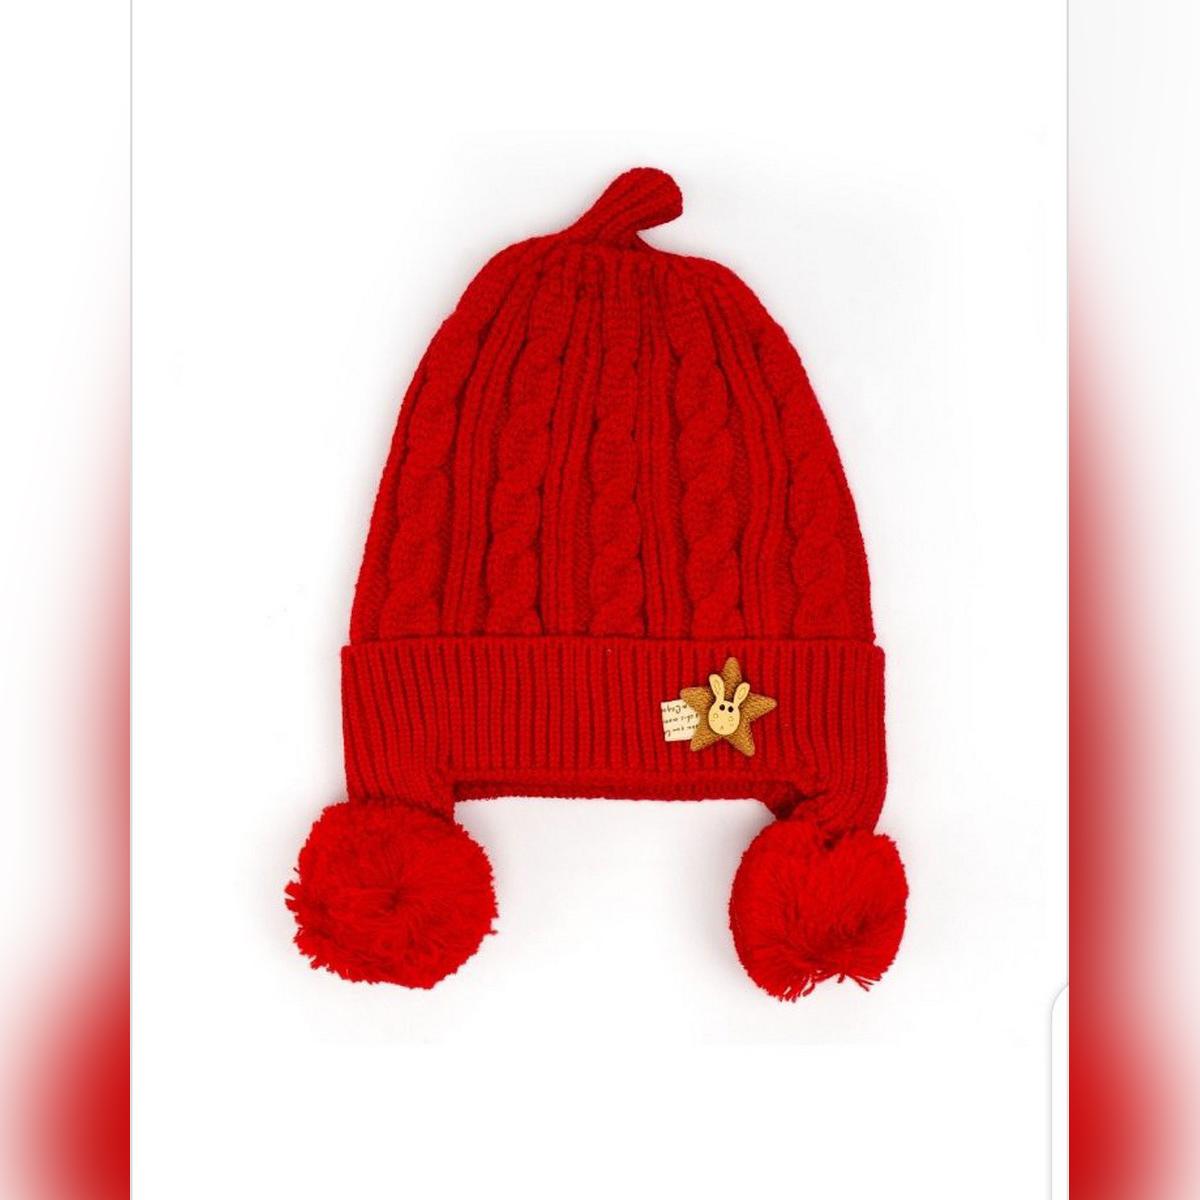 Imported New Styles Winter Newborn Baby BoysGirls Hat Cap Beanie Kids Children Winter Warm Knitted Knitting Wool Hemming Hairball Pom Ball Caps